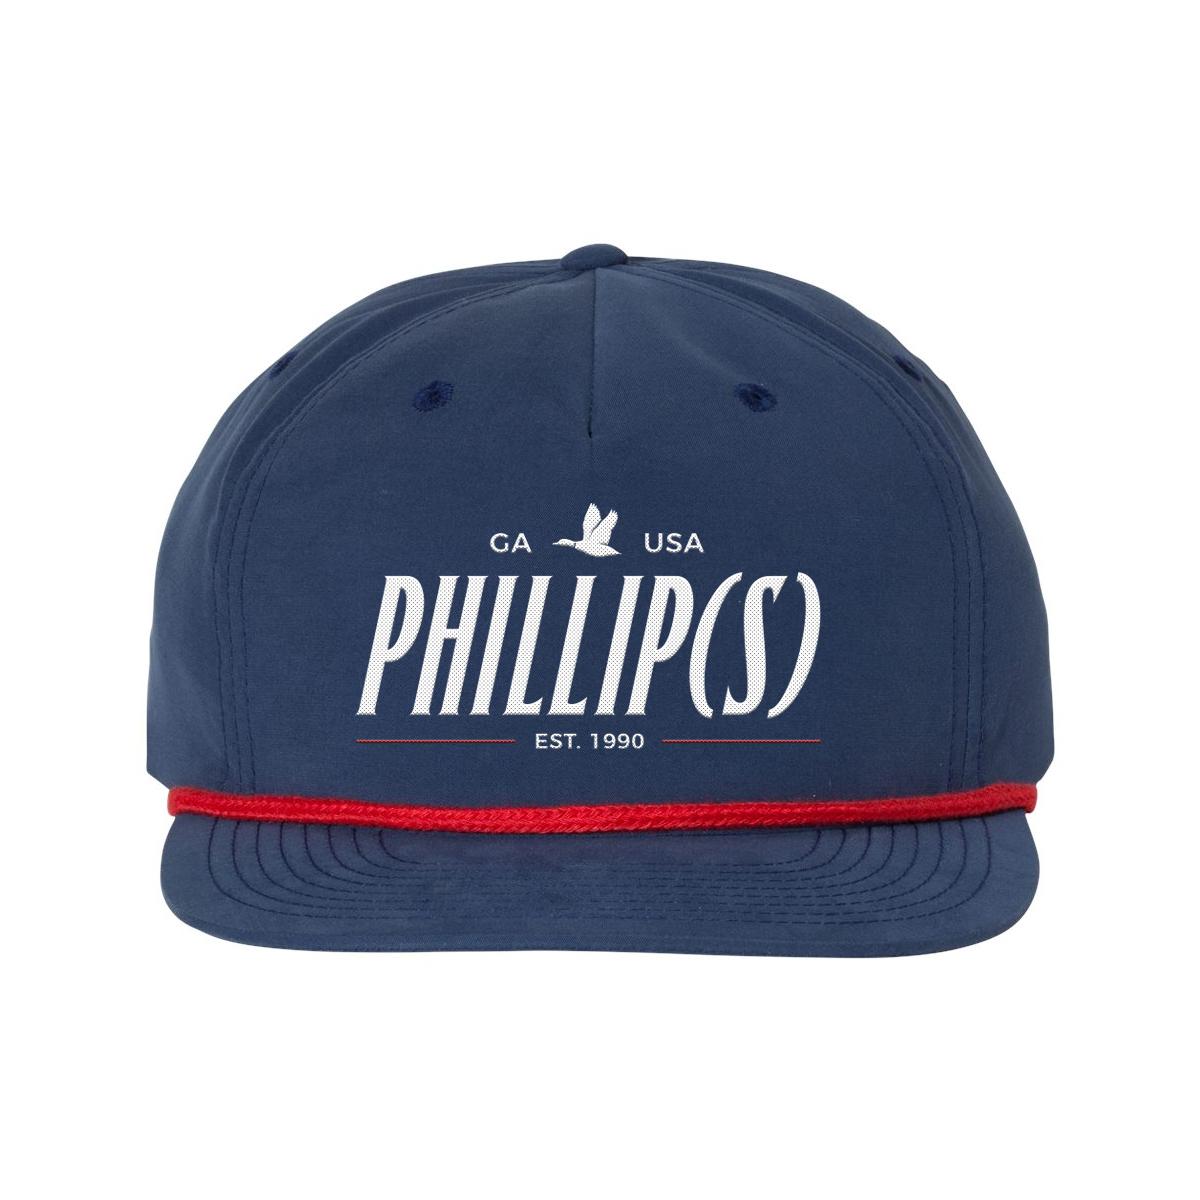 Phillip(s) Ranger Hat